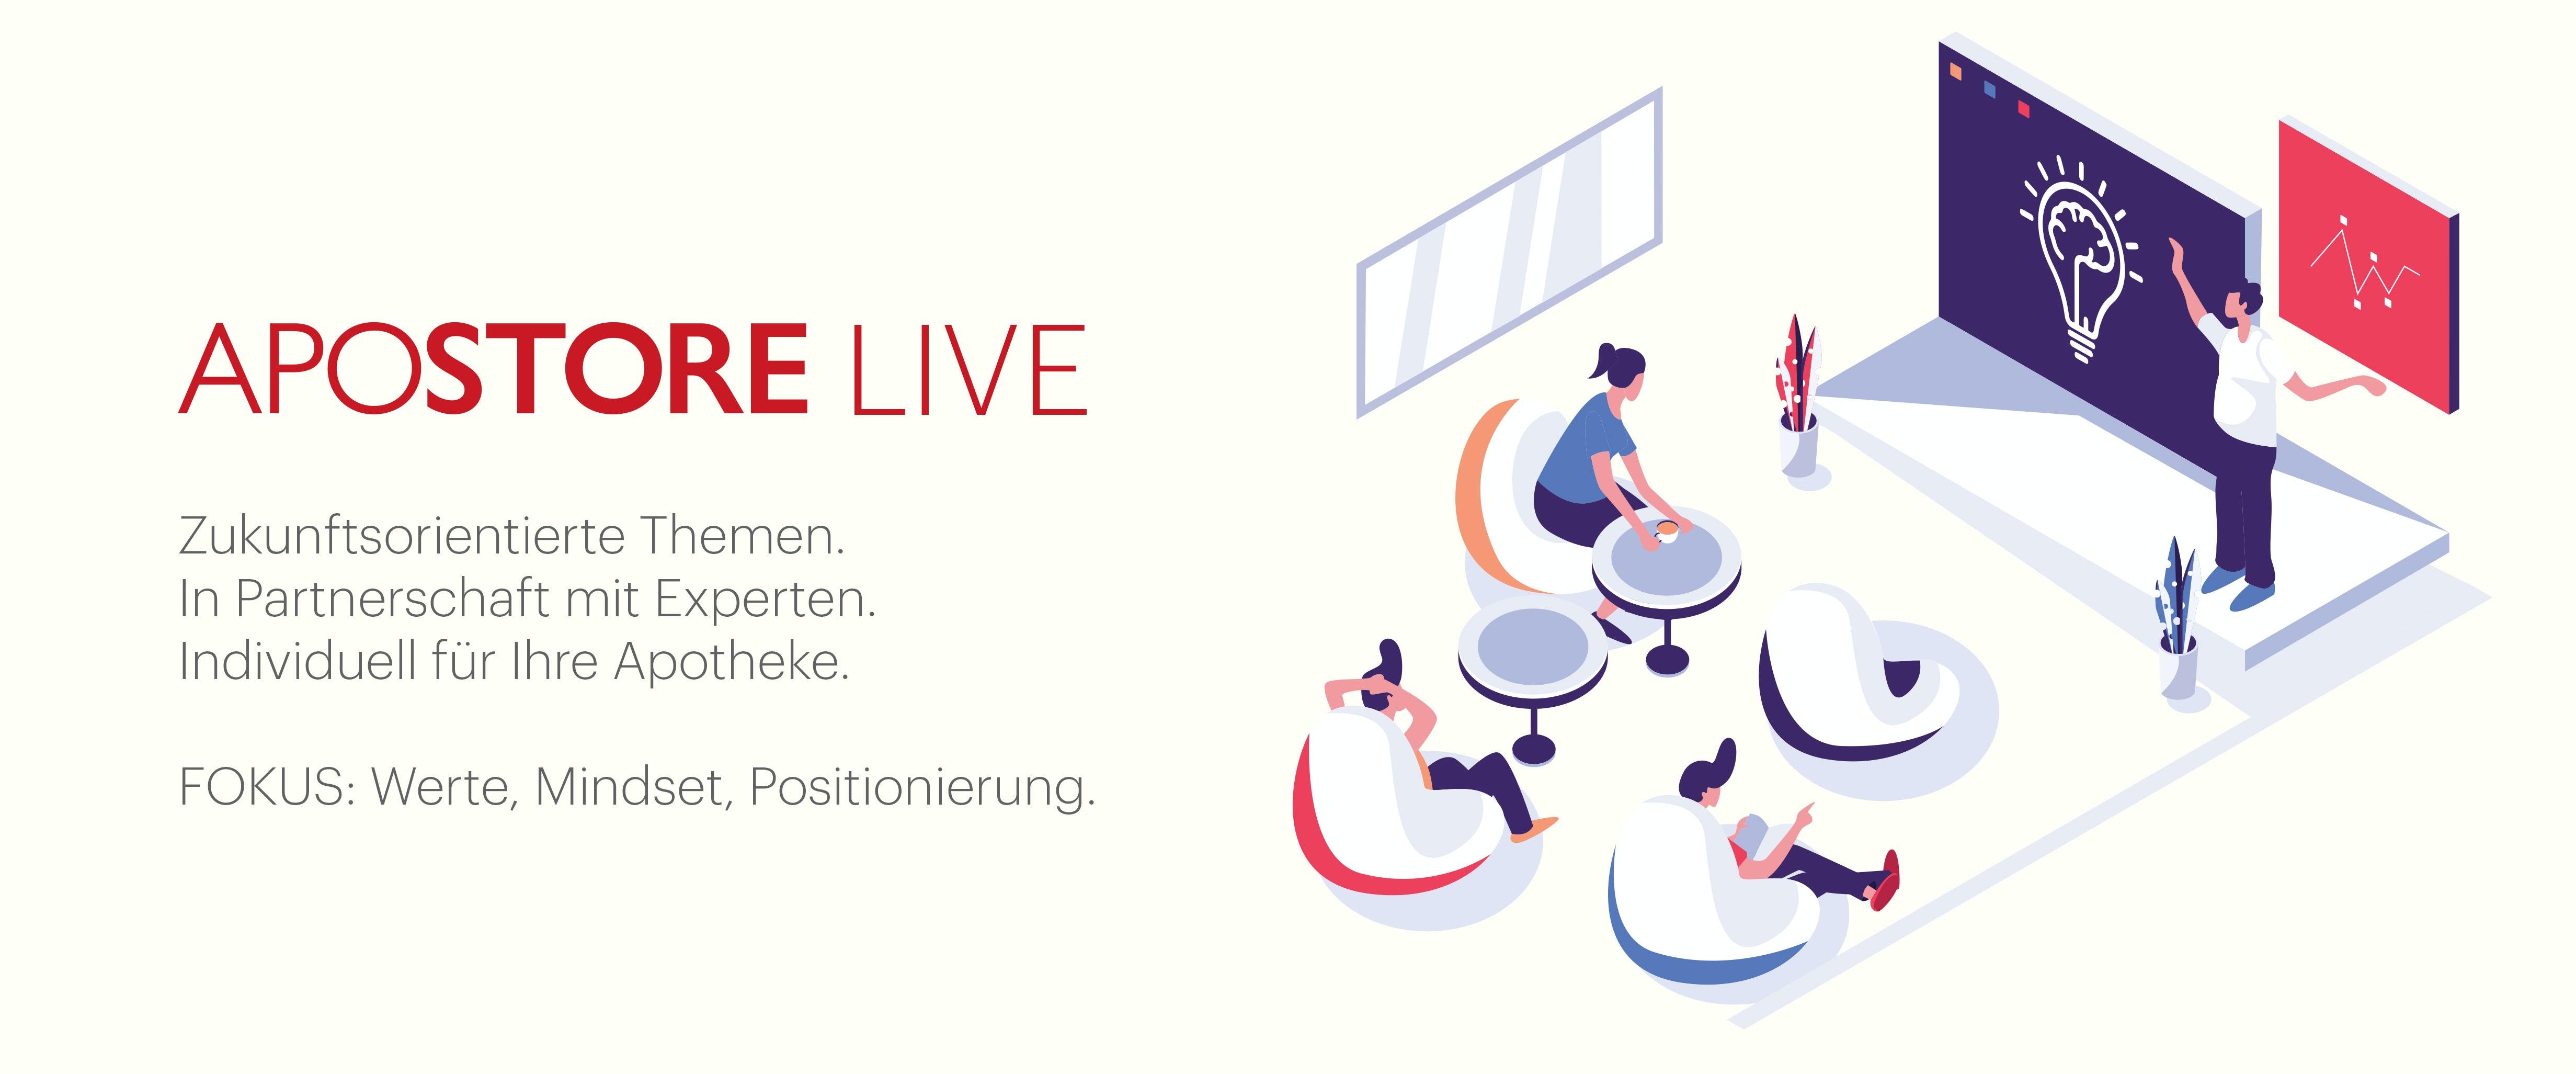 V1 APOSTORE LIVE  Workshop Header Teaser Banner HERO desktop